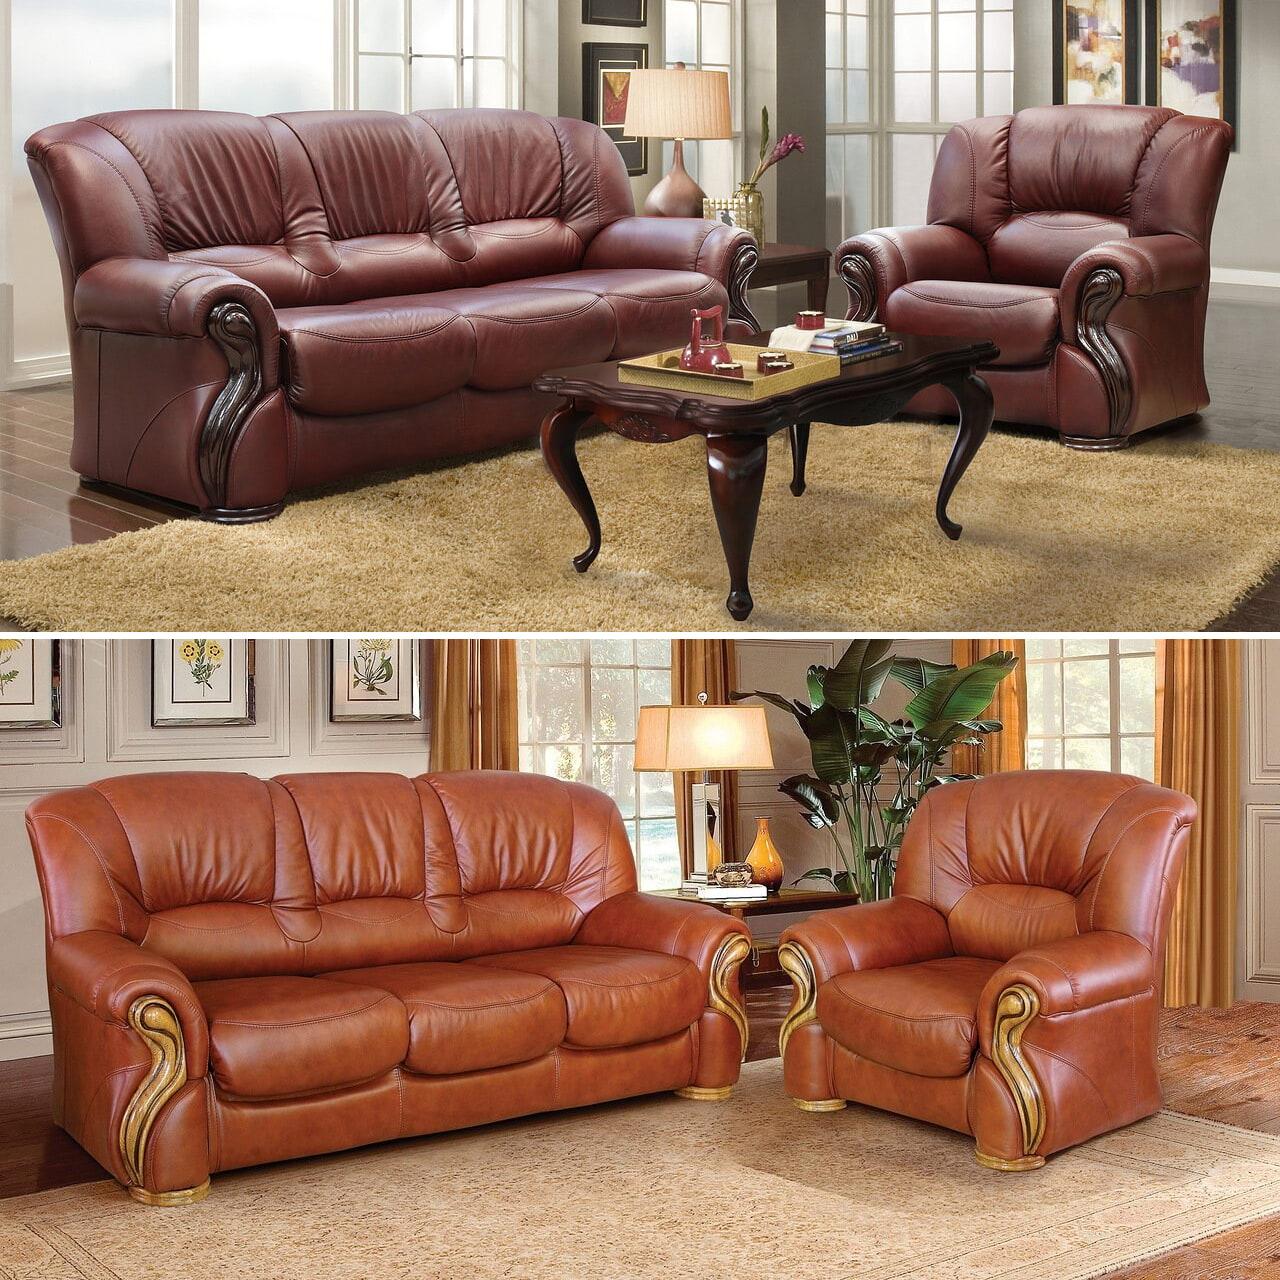 luxus sofagarnitur englische couchgarnitur mit schlaffunktion leder sofa mit sesseln